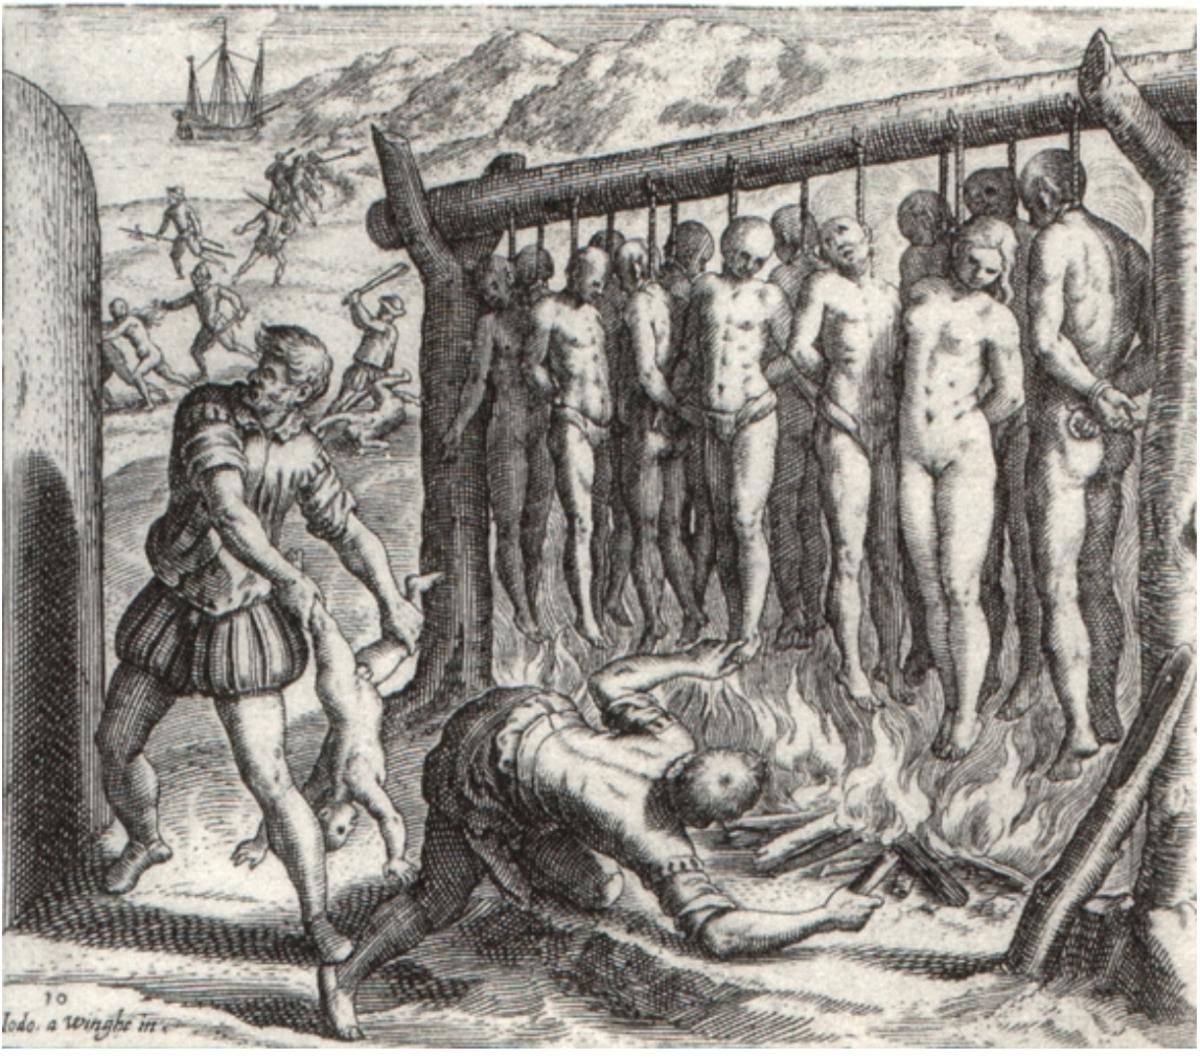 """Source 7: Depiction of Spanish atrocities committed in the conquest of Cuba in Las Casas's """"Brevisima relación de la destrucción de las Indias"""". The rendering was by the Flemish Protestant artist Theodor de Bry. (1552)"""